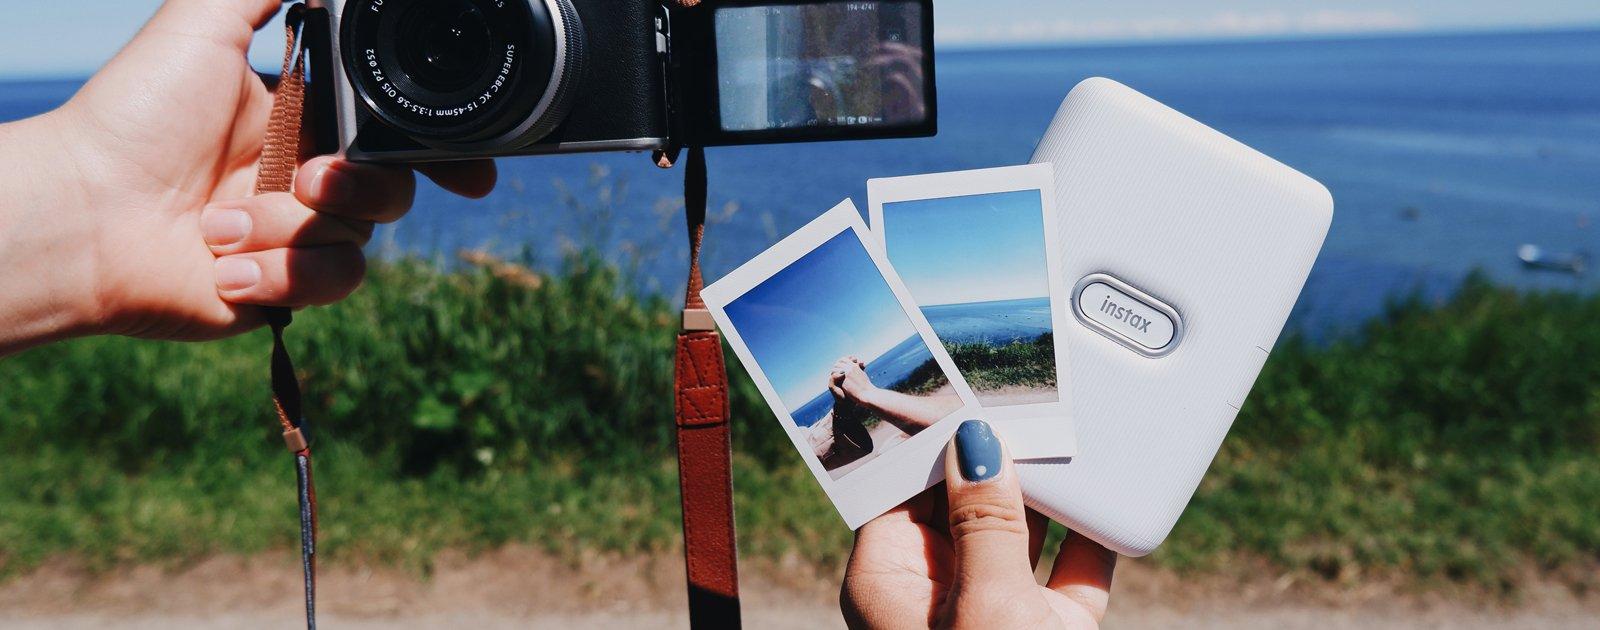 Haal jij het meeste uit jouw foto's? Print jouw zomer herinneringen!